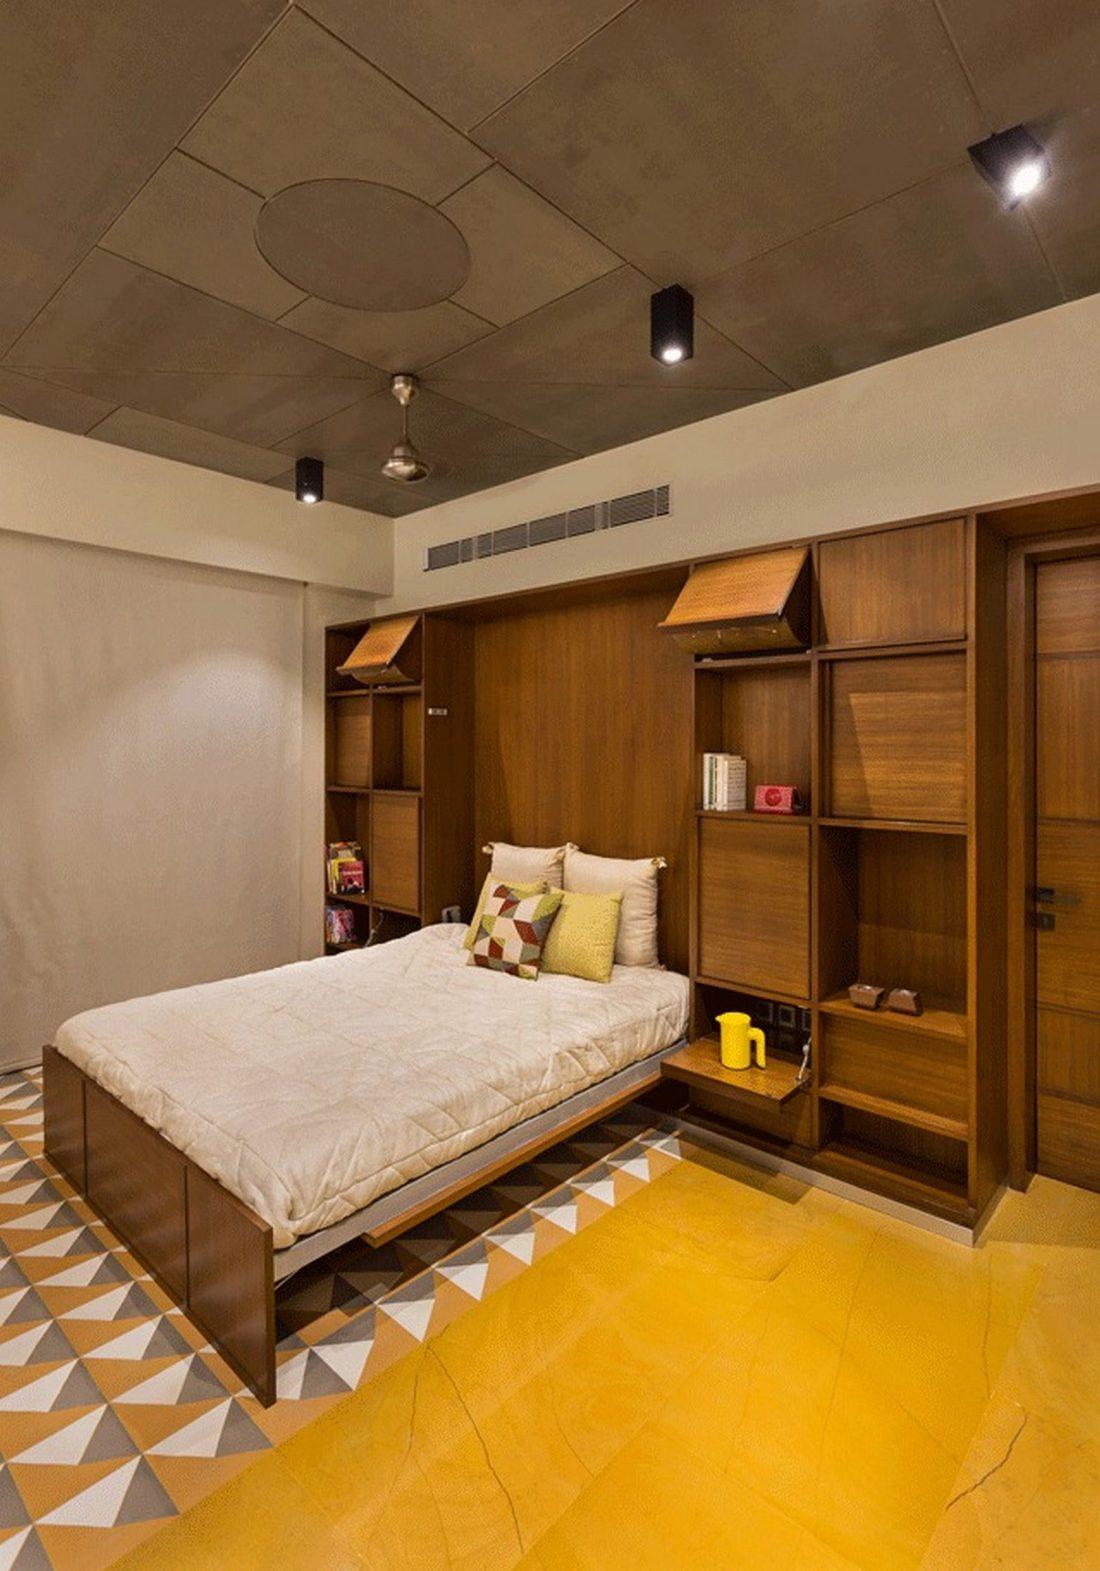 bezrassudstvo-kak-stil-zhizni-dom-v-indii-po-proektu-busride-design-26